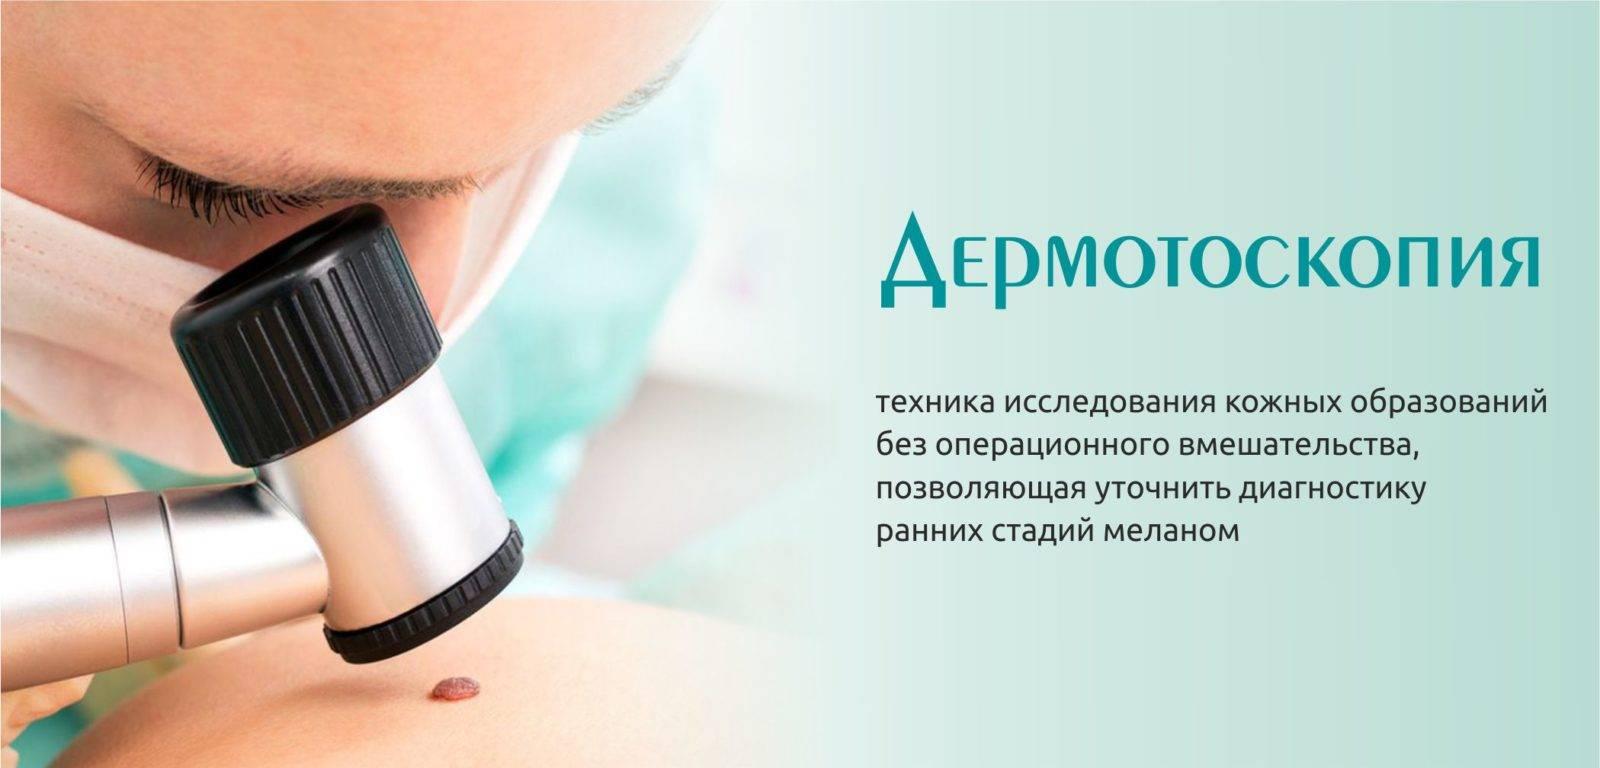 Меланома: израиль предлагает эффективное лечение рака кожи